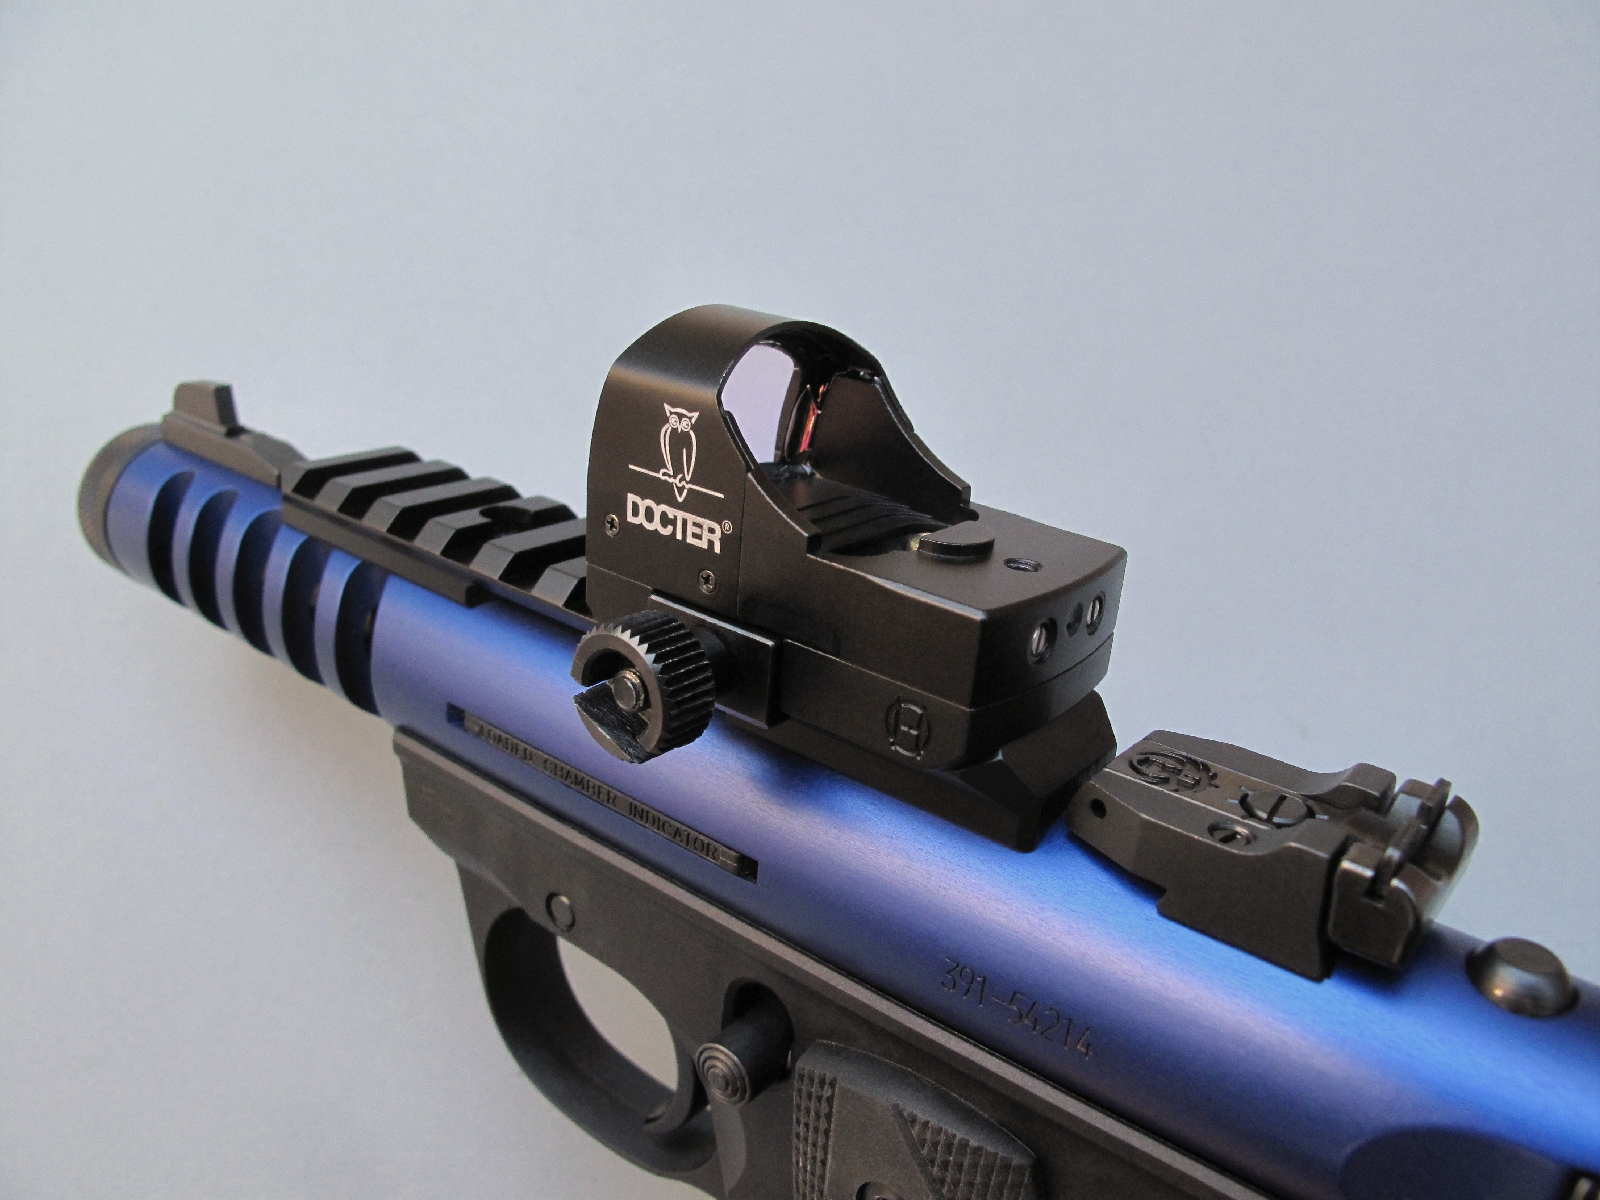 Equipé d'un montage à griffes permettant sa fixation sur le rail Picatinny du pistolet Ruger, le micro viseur DocterSight présente l'intérêt de n'apporter qu'un supplément de poids négligeable, de l'ordre de 50 grammes.